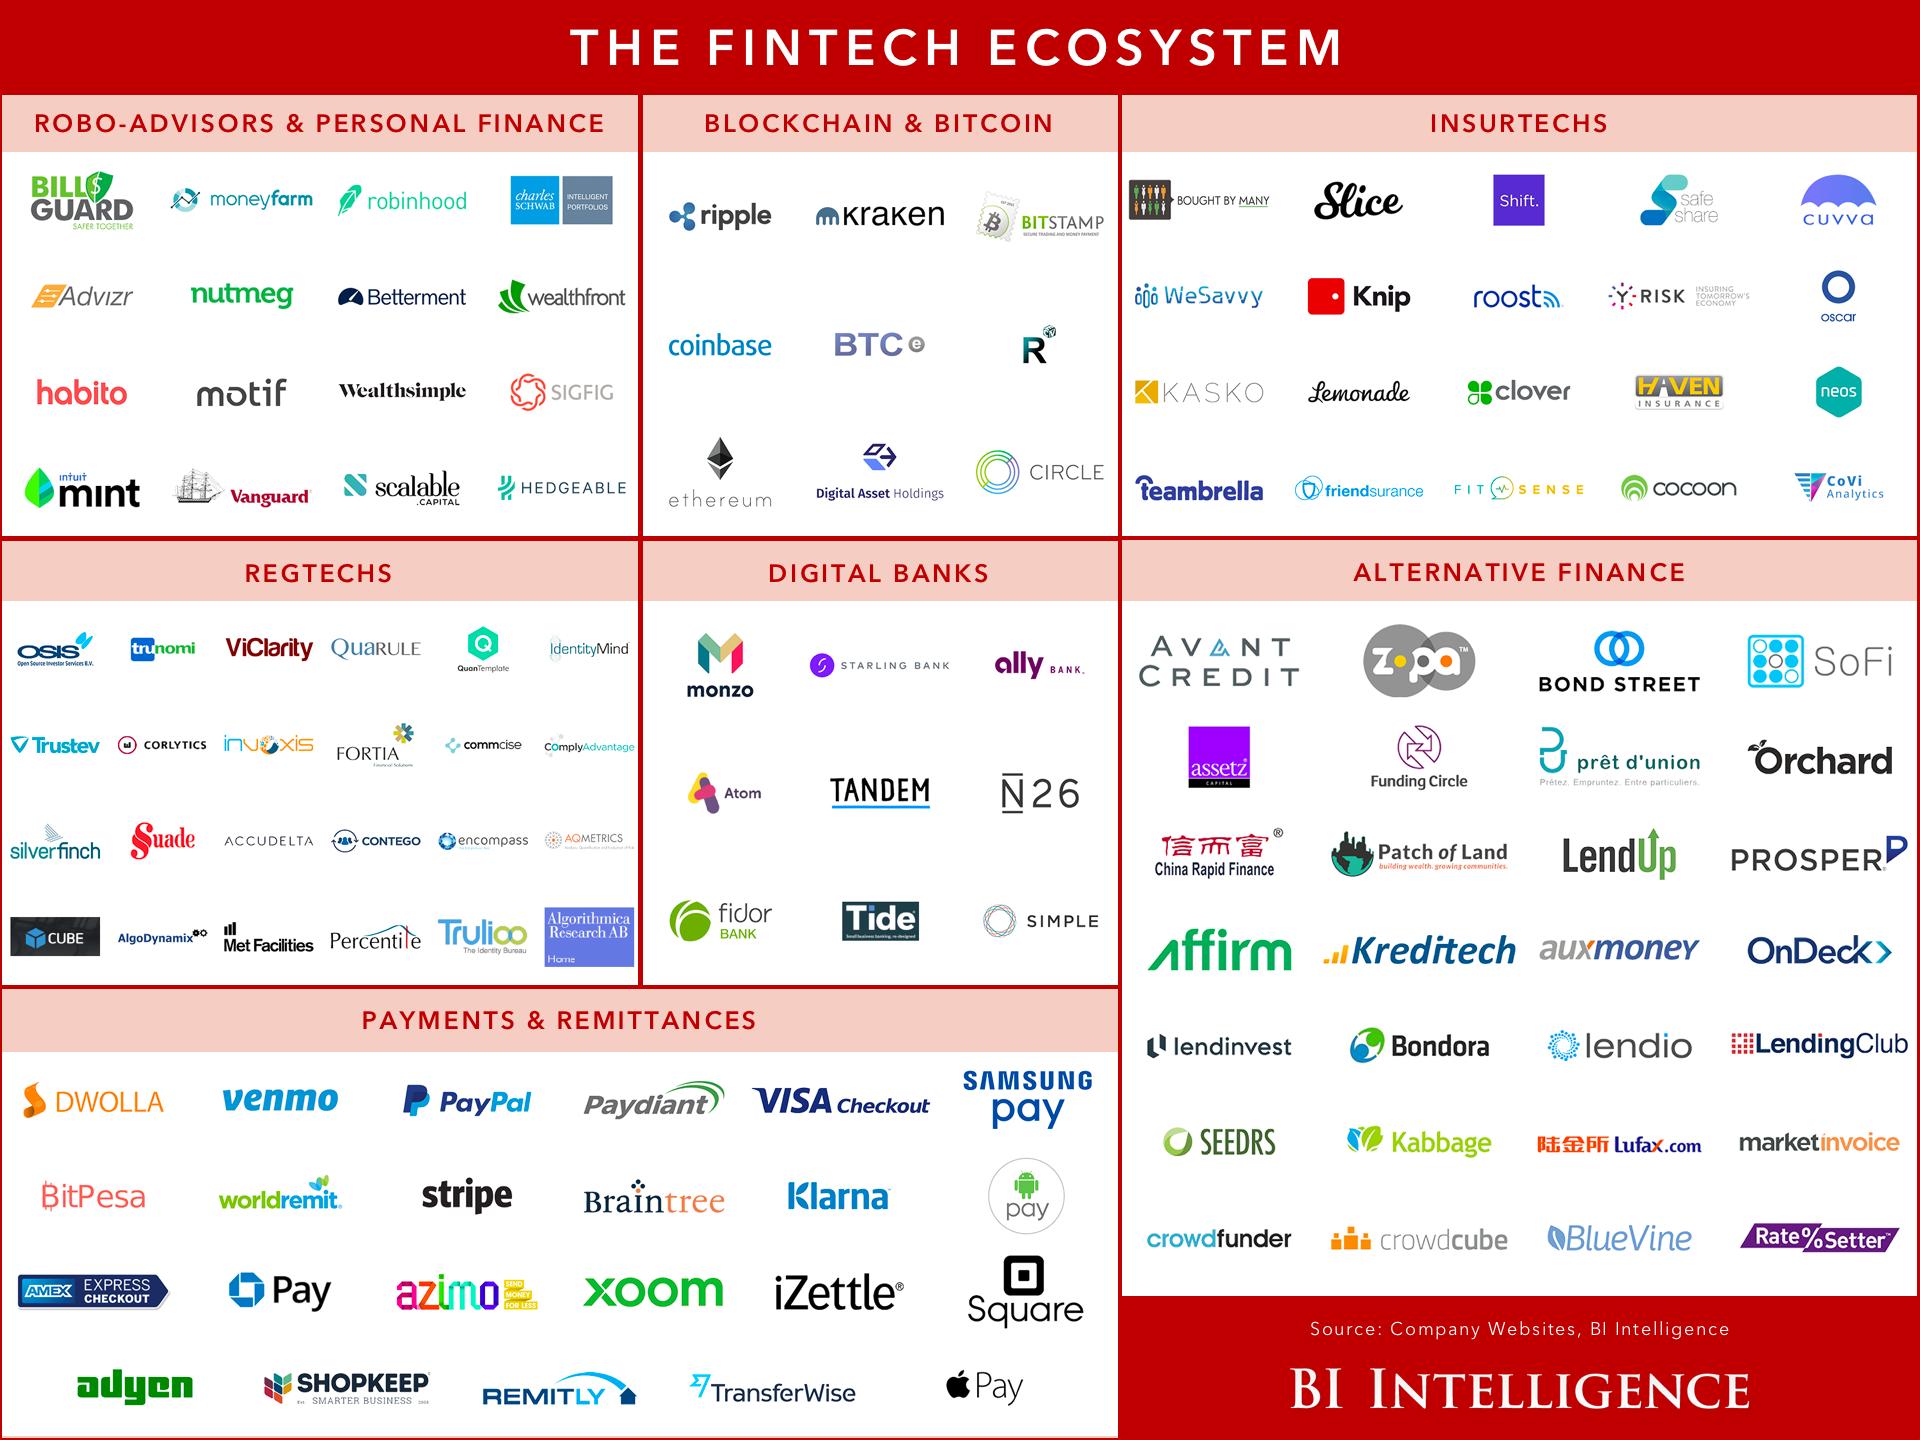 Fintech ecosysteme landscape